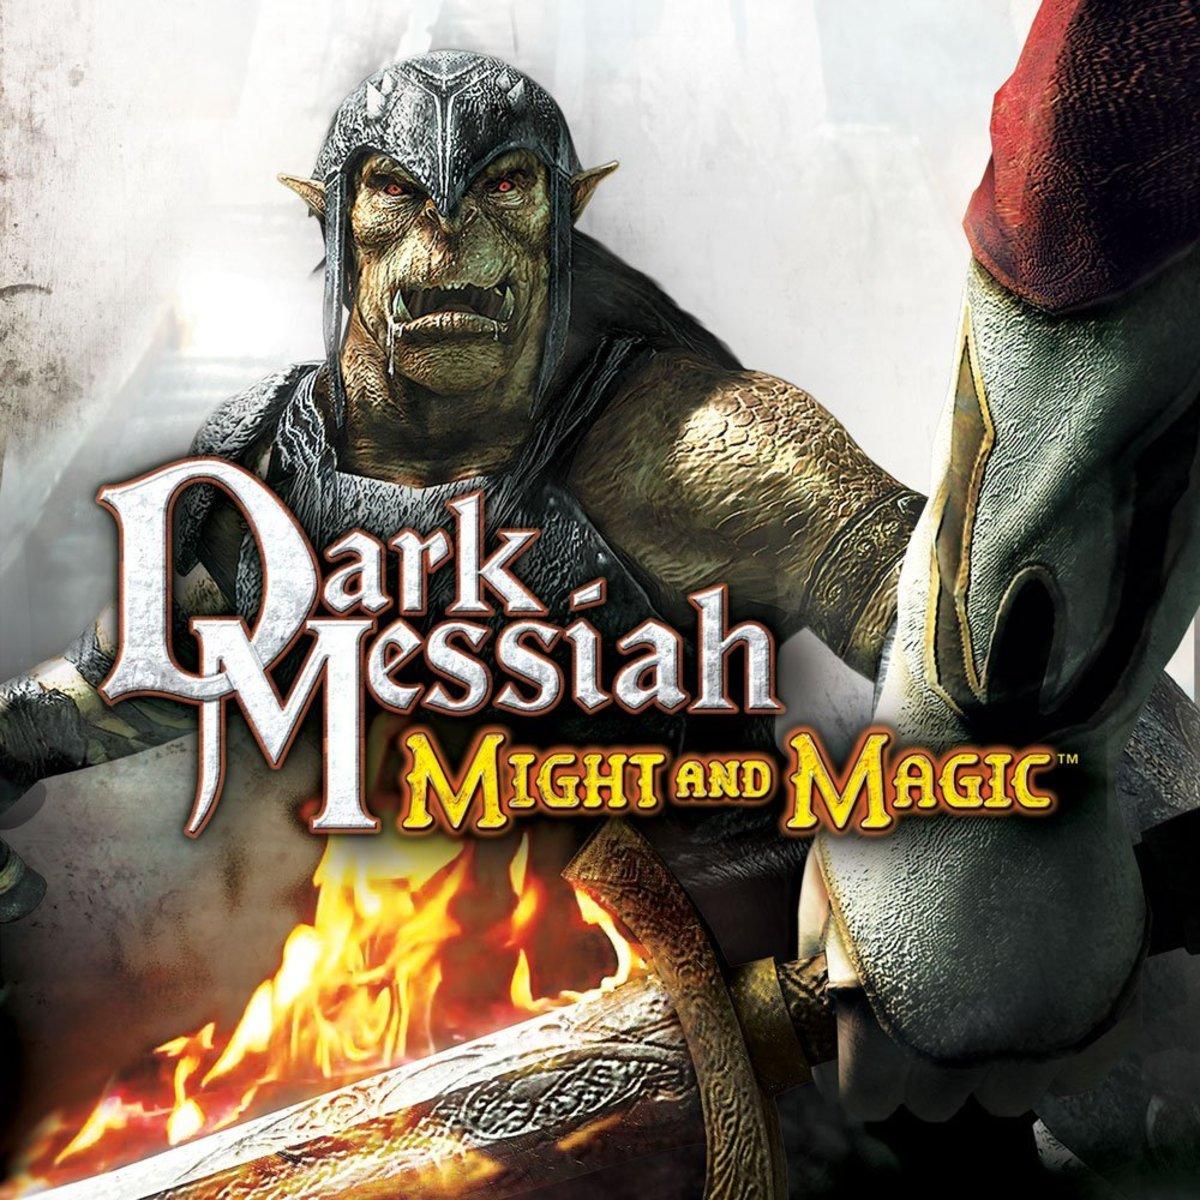 dark-messiah-might-magic